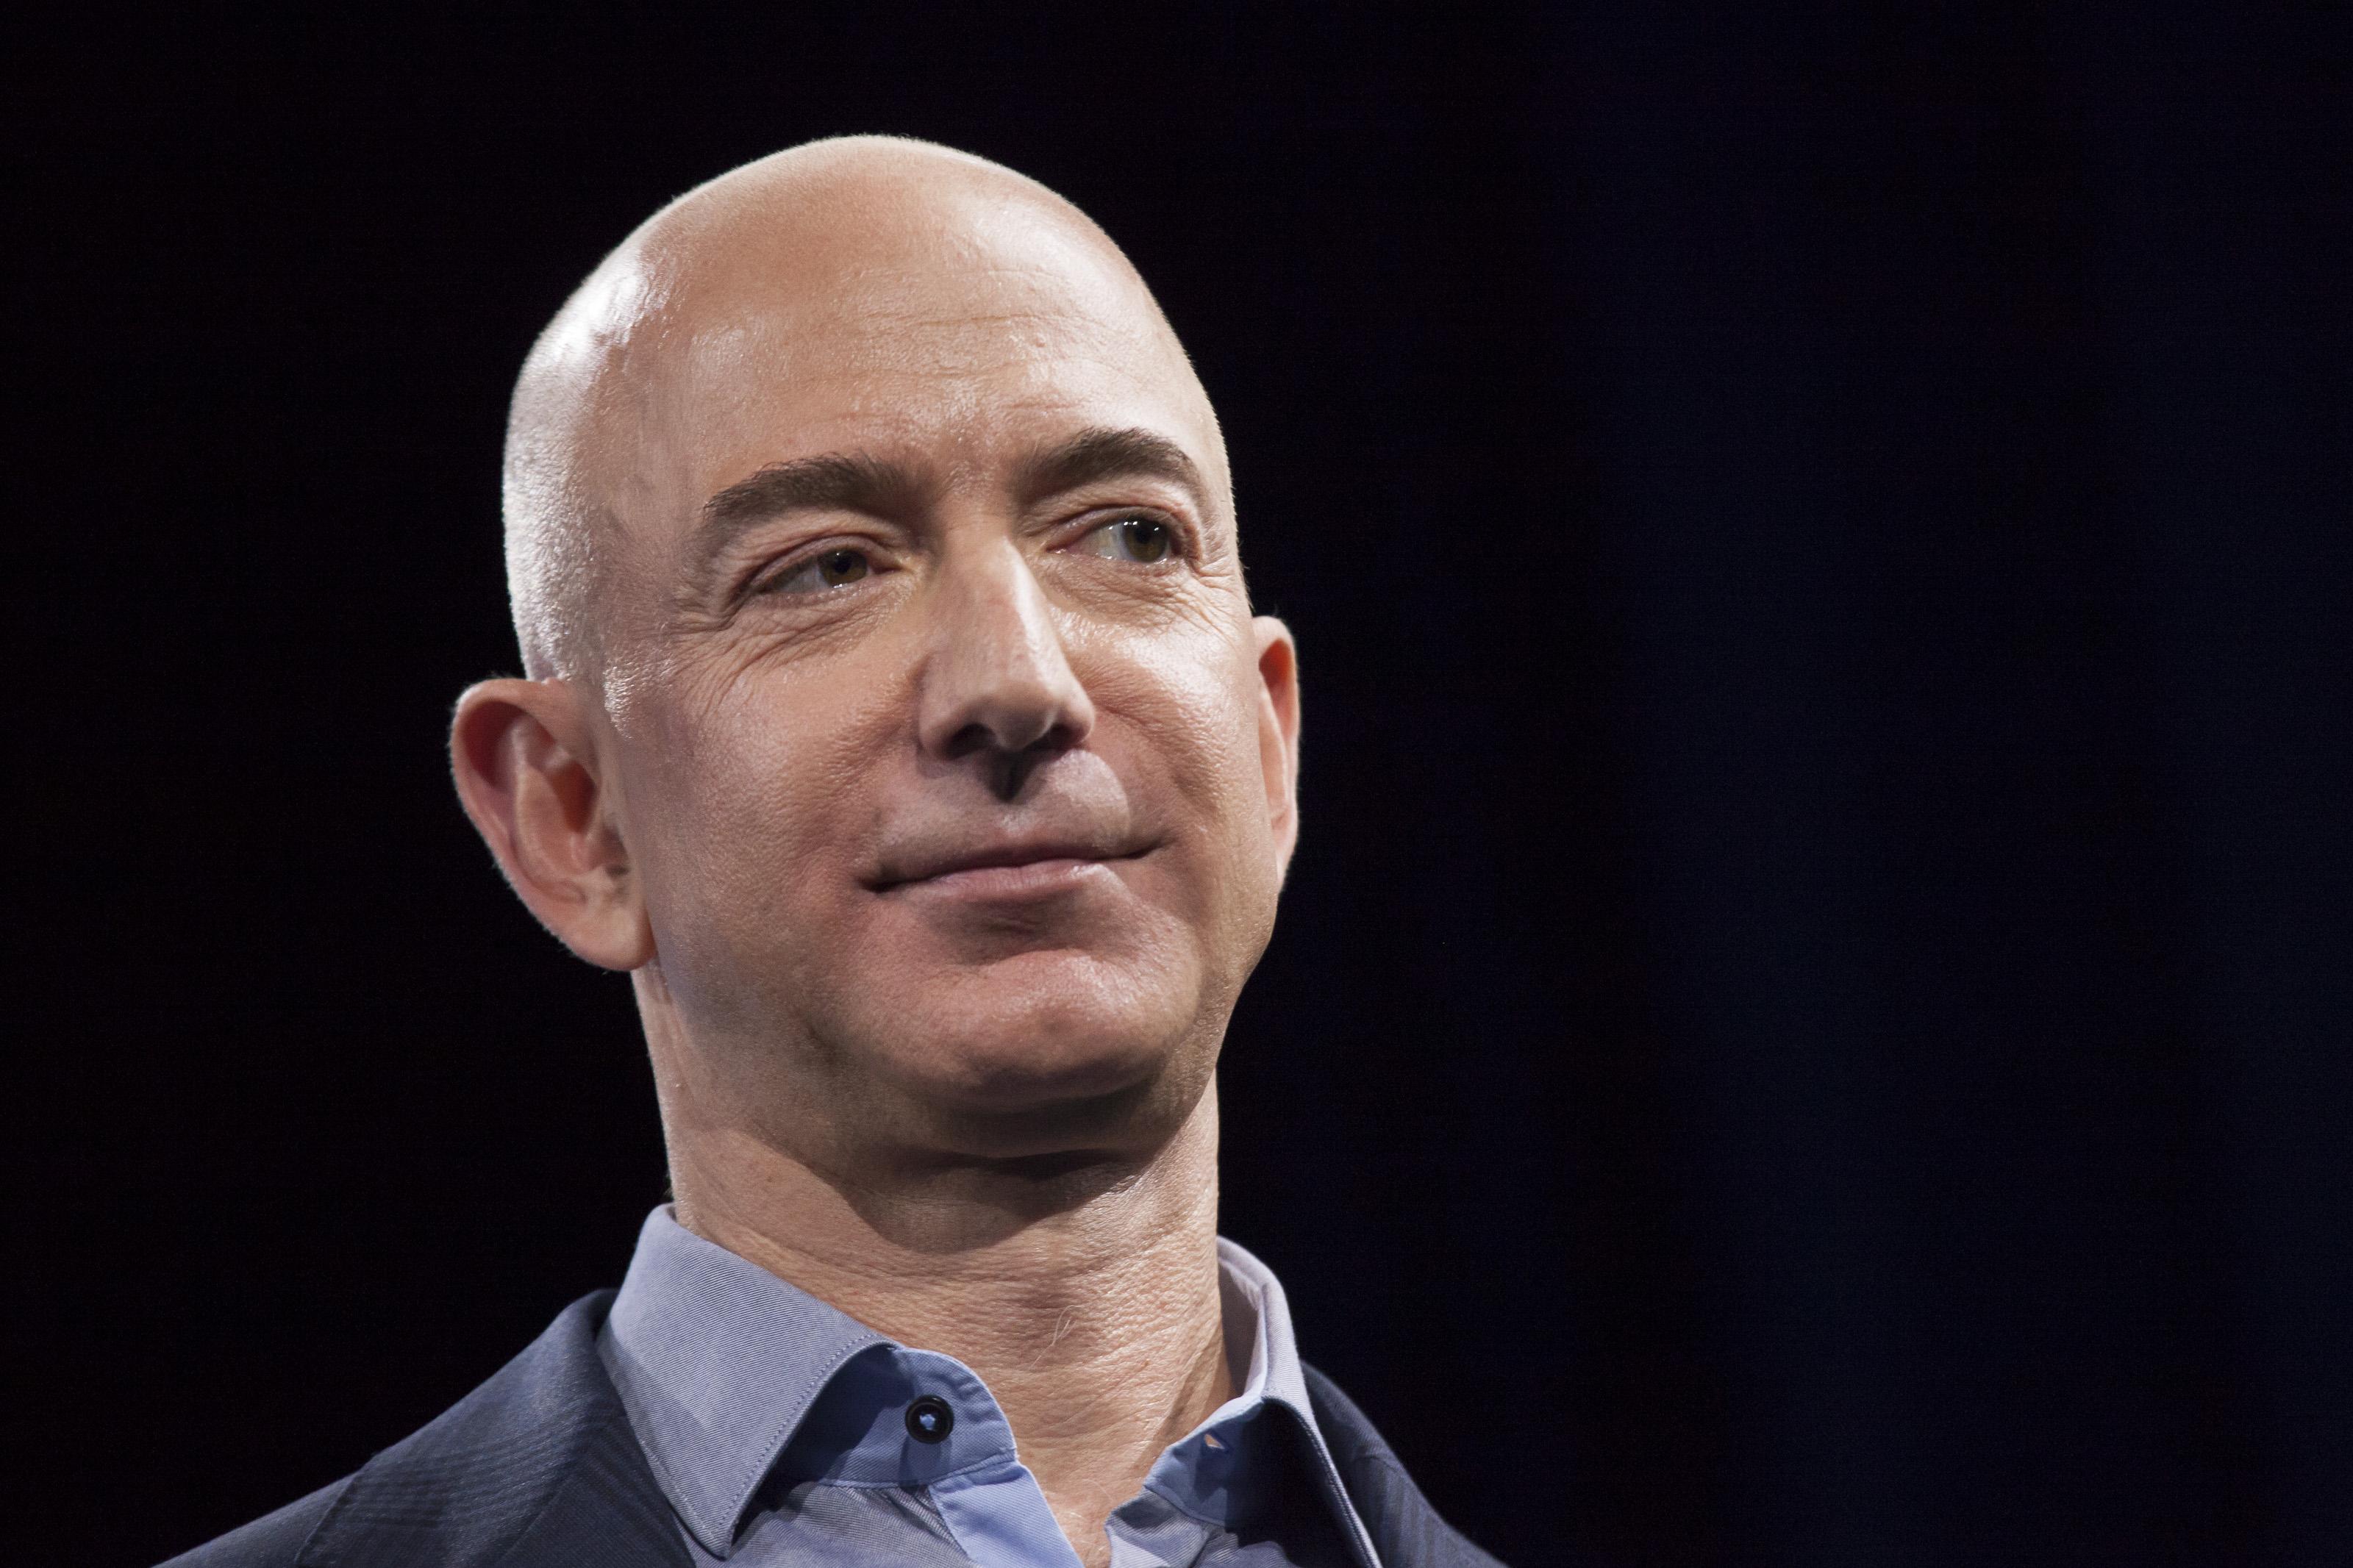 互聯網四巨頭CEO 本月底再受美國會質詢